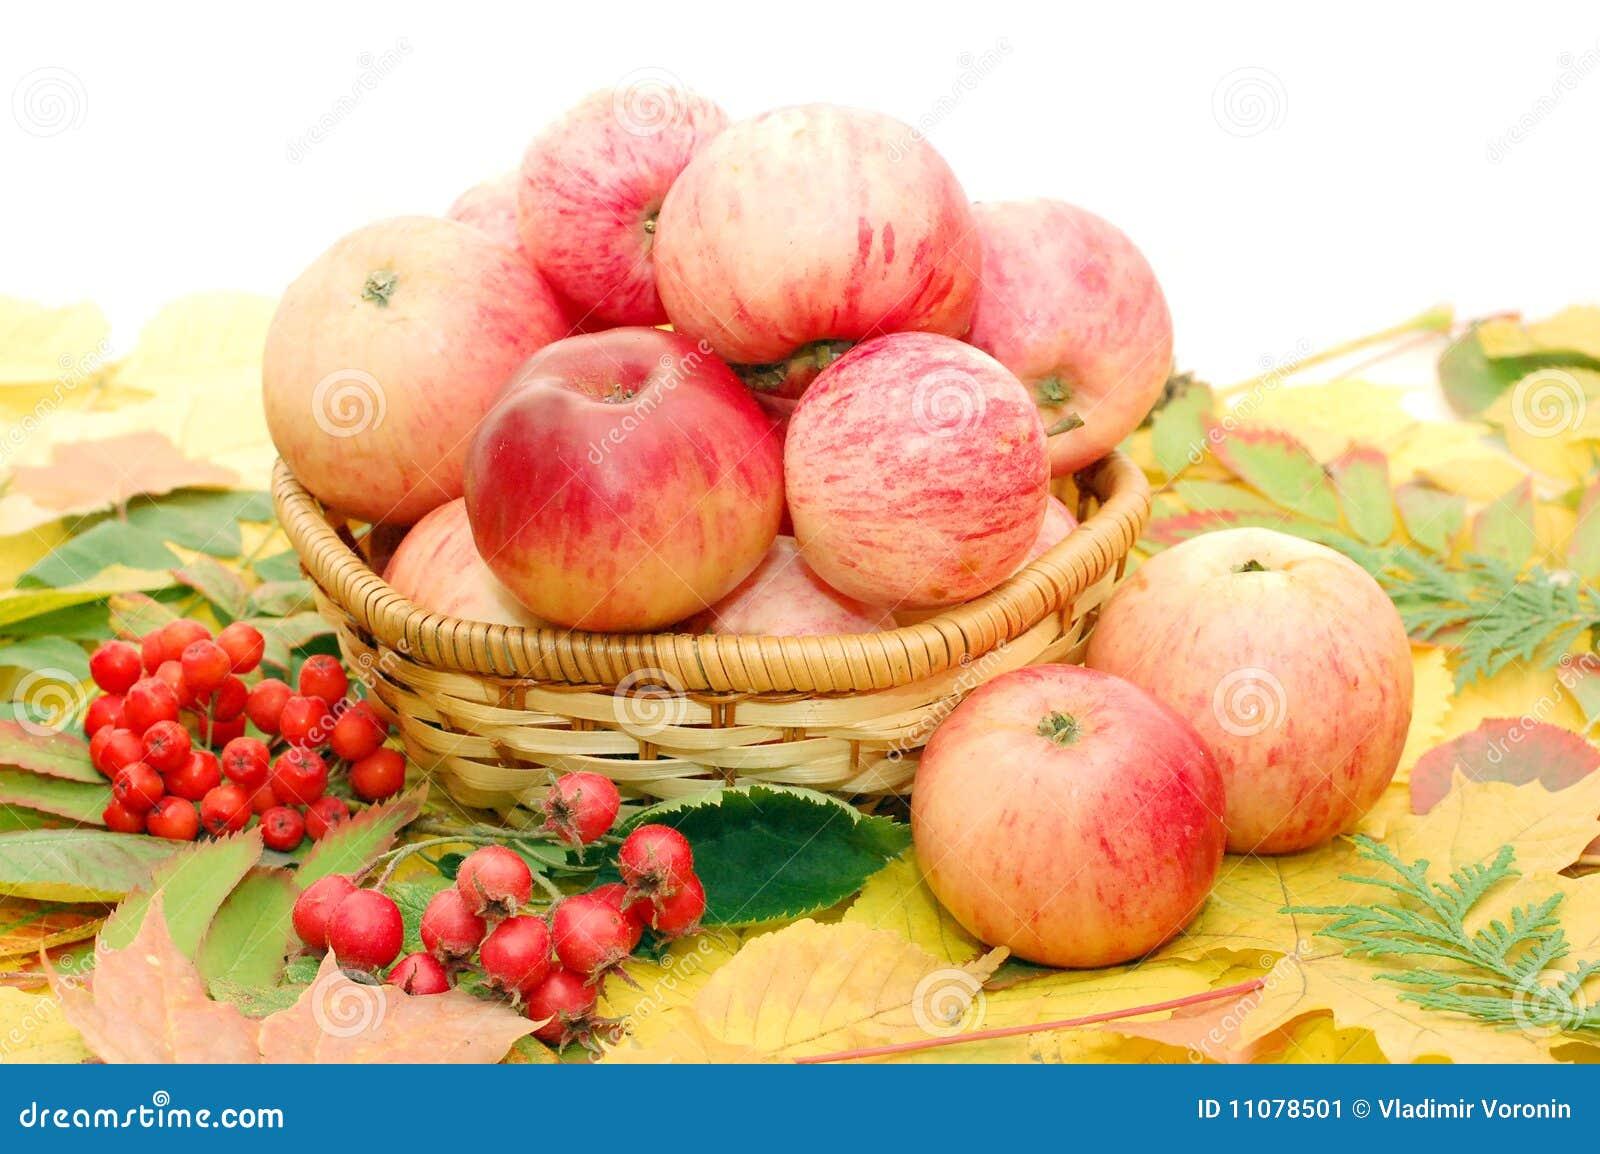 Colheita das maçãs